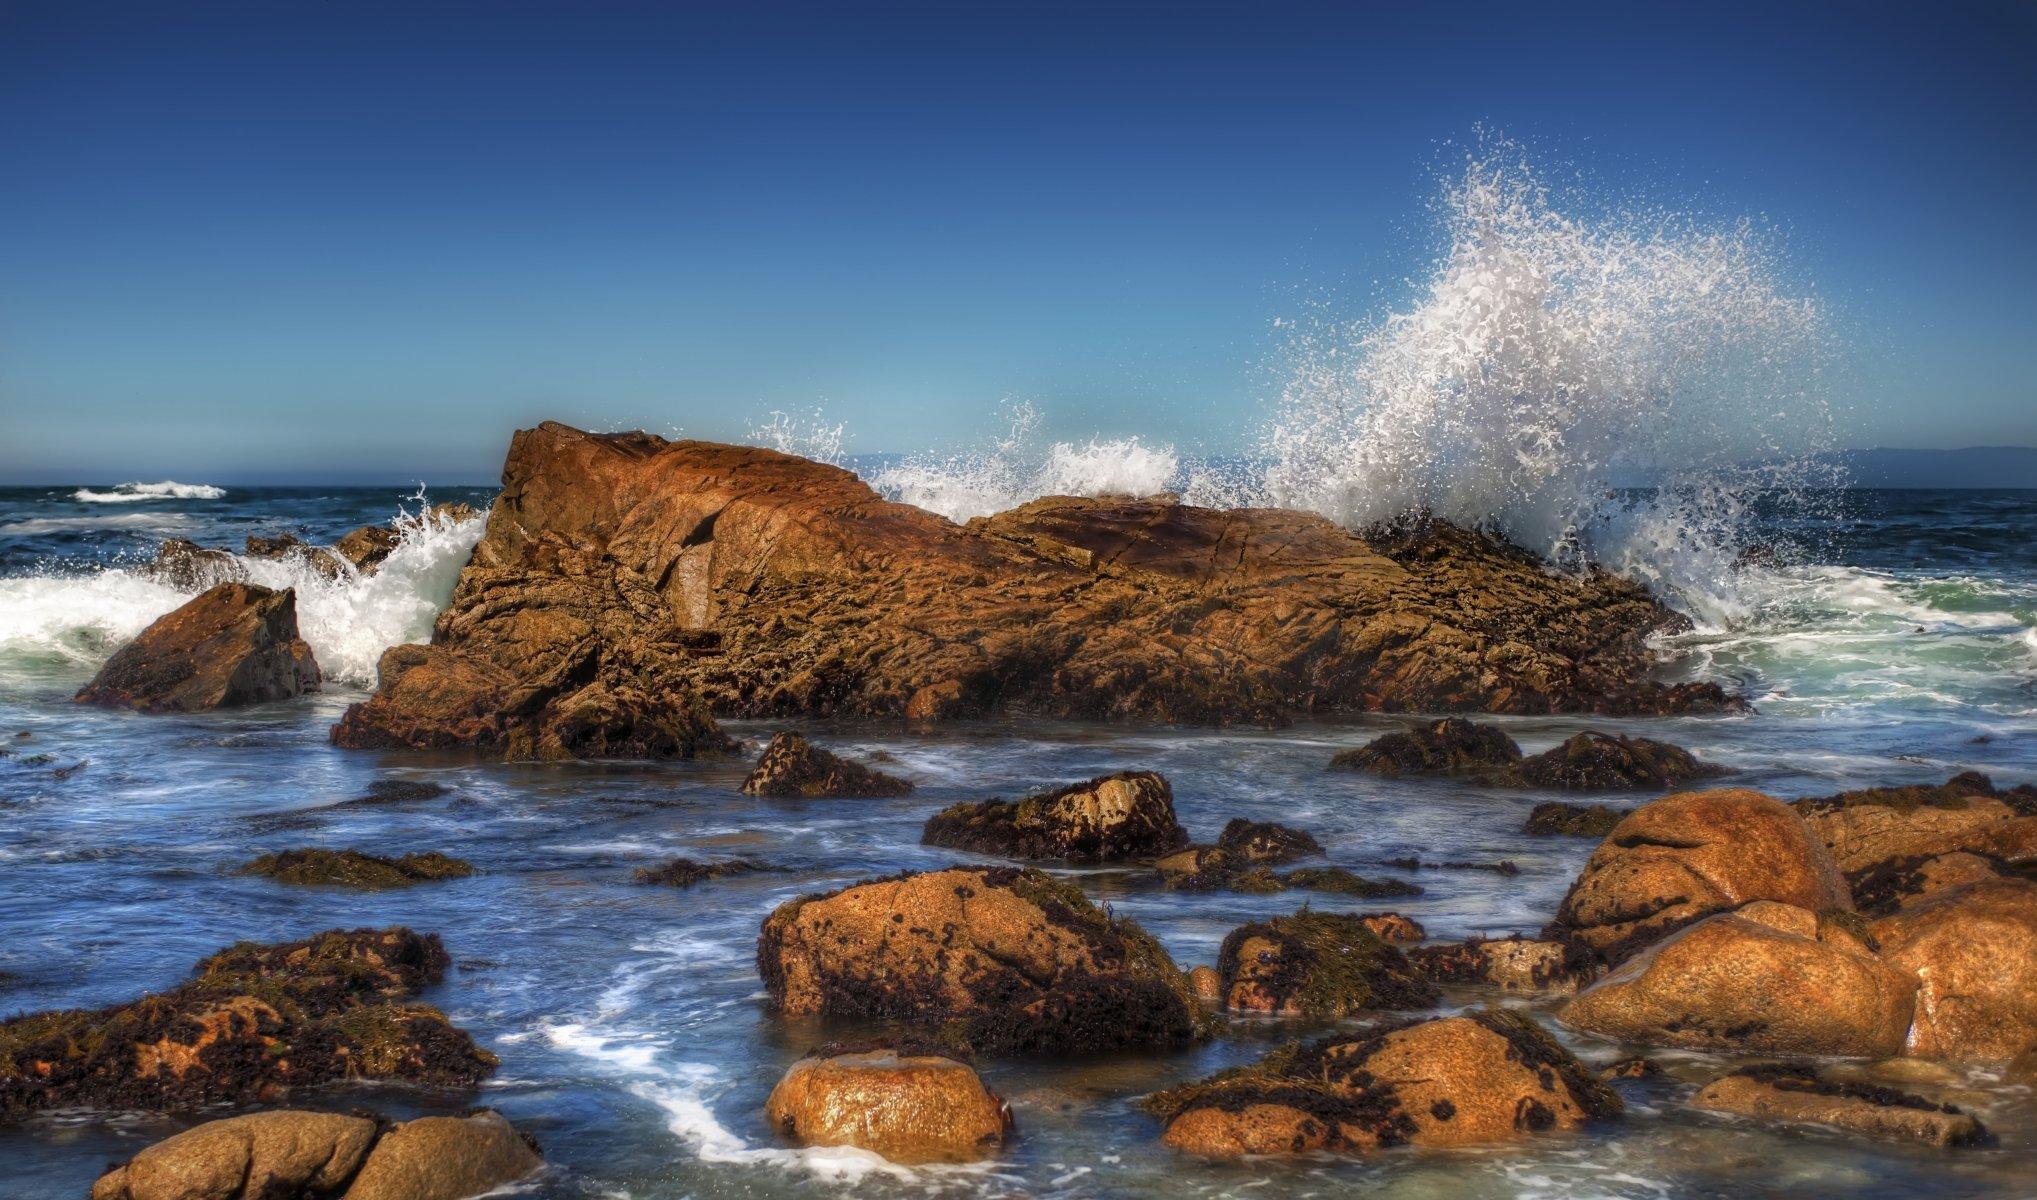 Камни склы берег море без смс